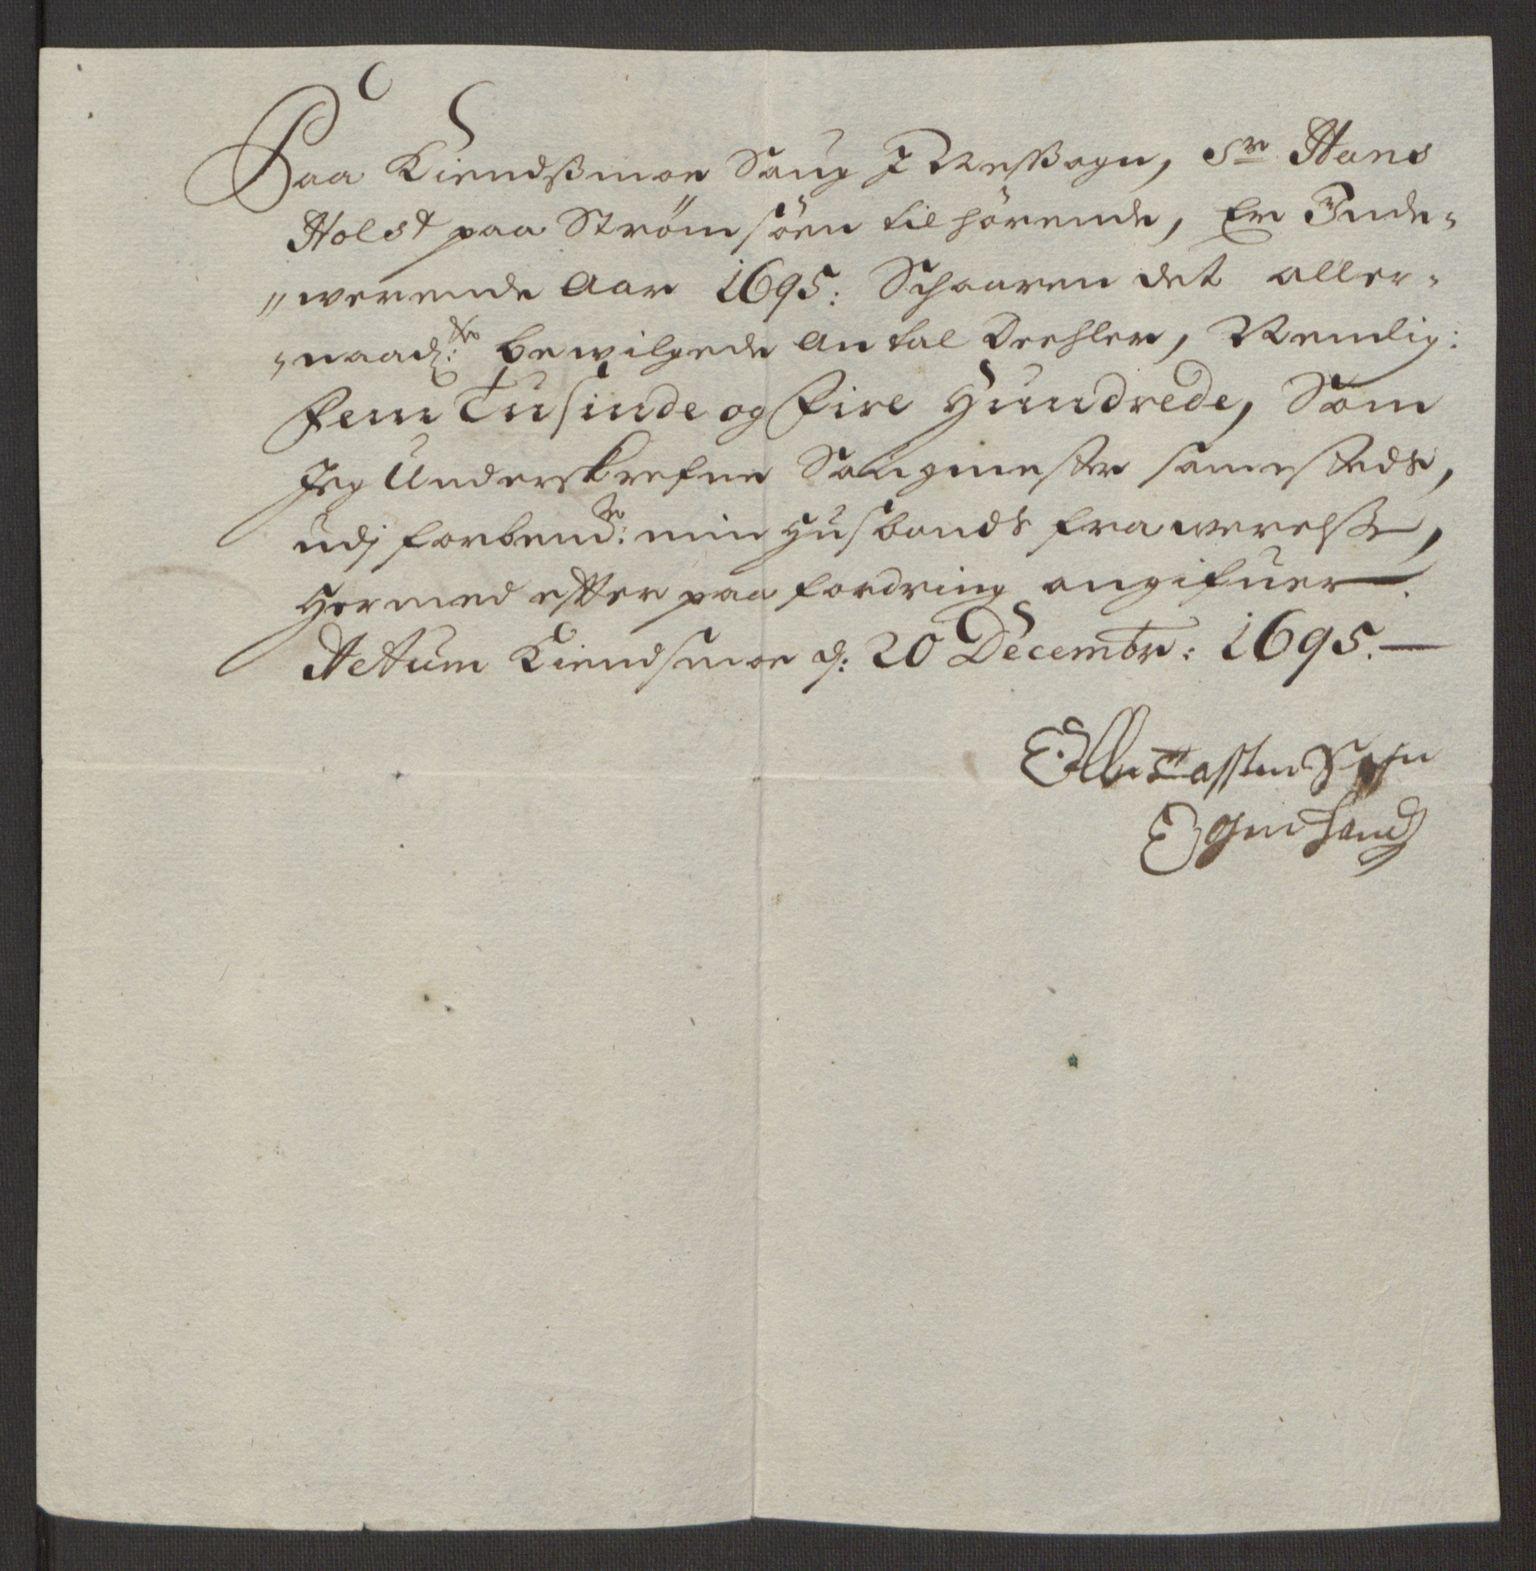 RA, Rentekammeret inntil 1814, Reviderte regnskaper, Fogderegnskap, R12/L0707: Fogderegnskap Øvre Romerike, 1695, s. 232